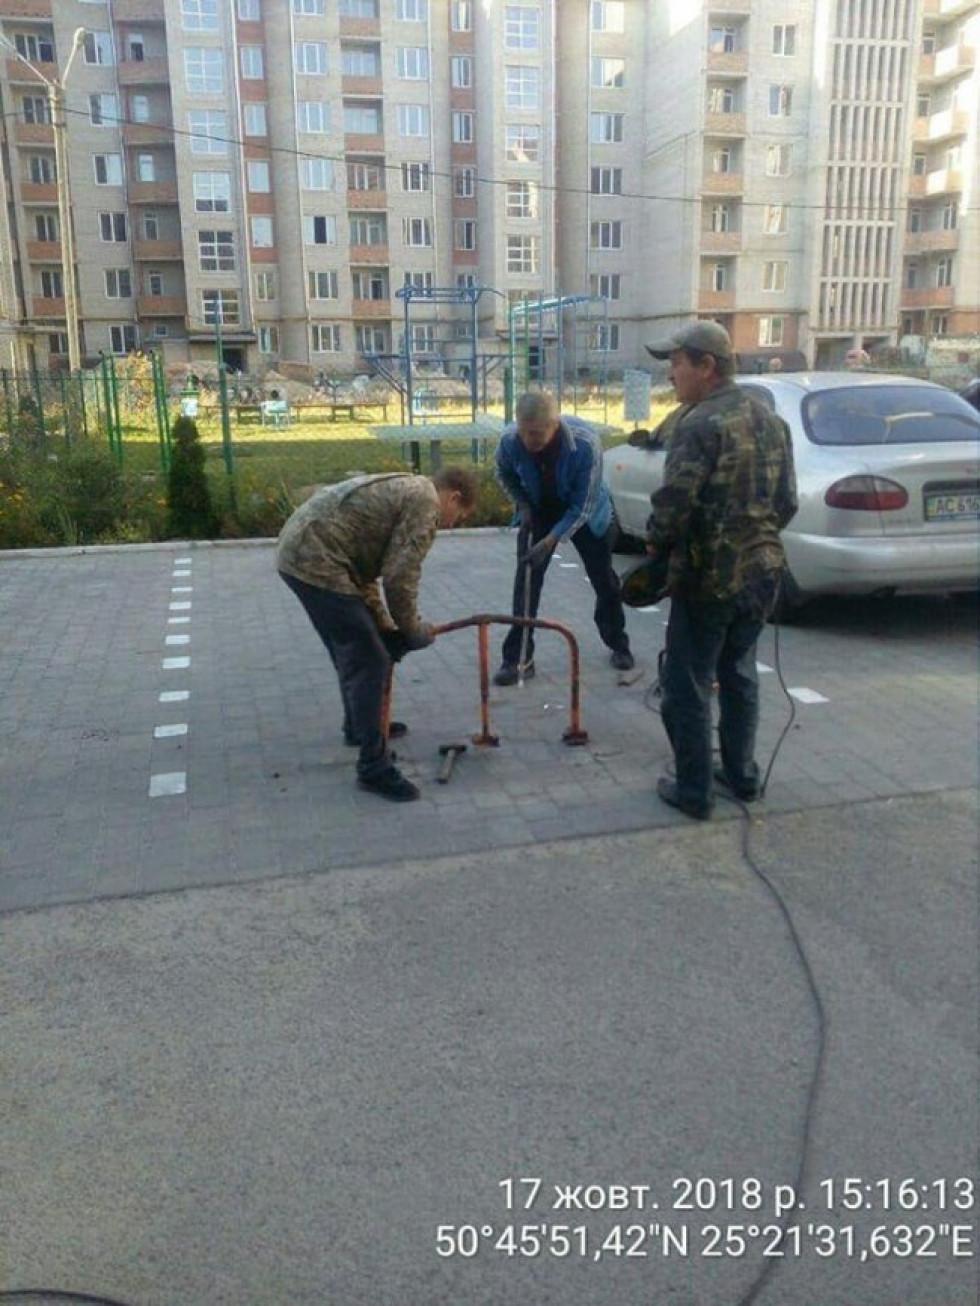 Мунвартівці знесли обмежувачі рухув дворах на вулиці Зацепи